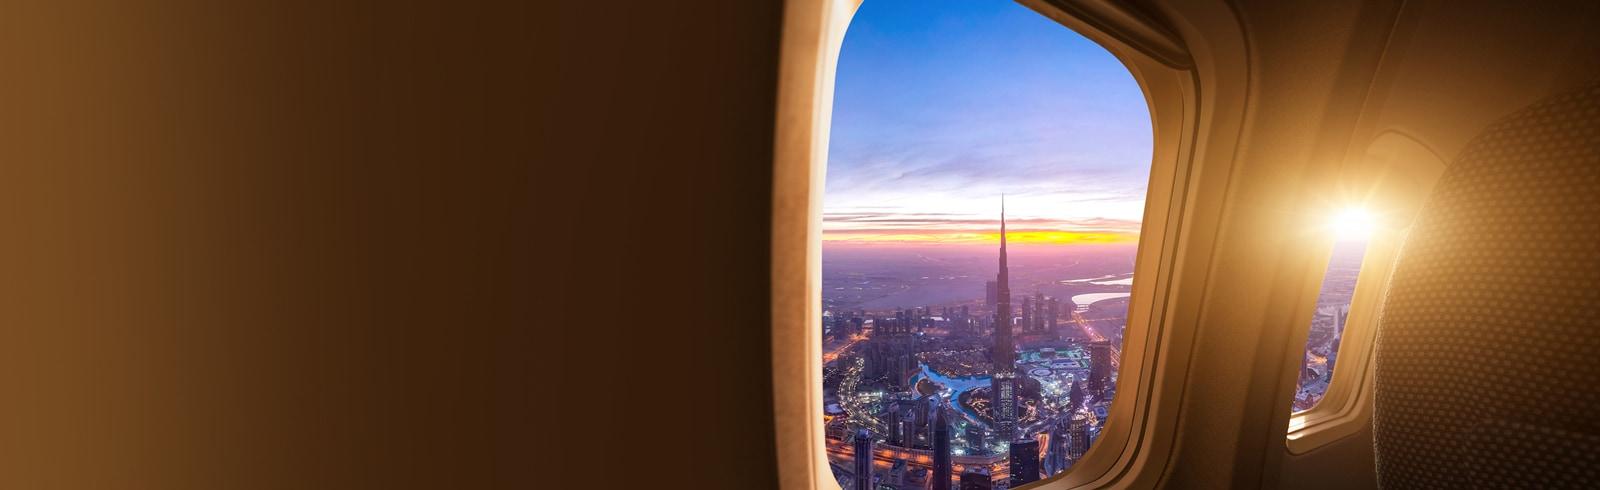 Emirates world